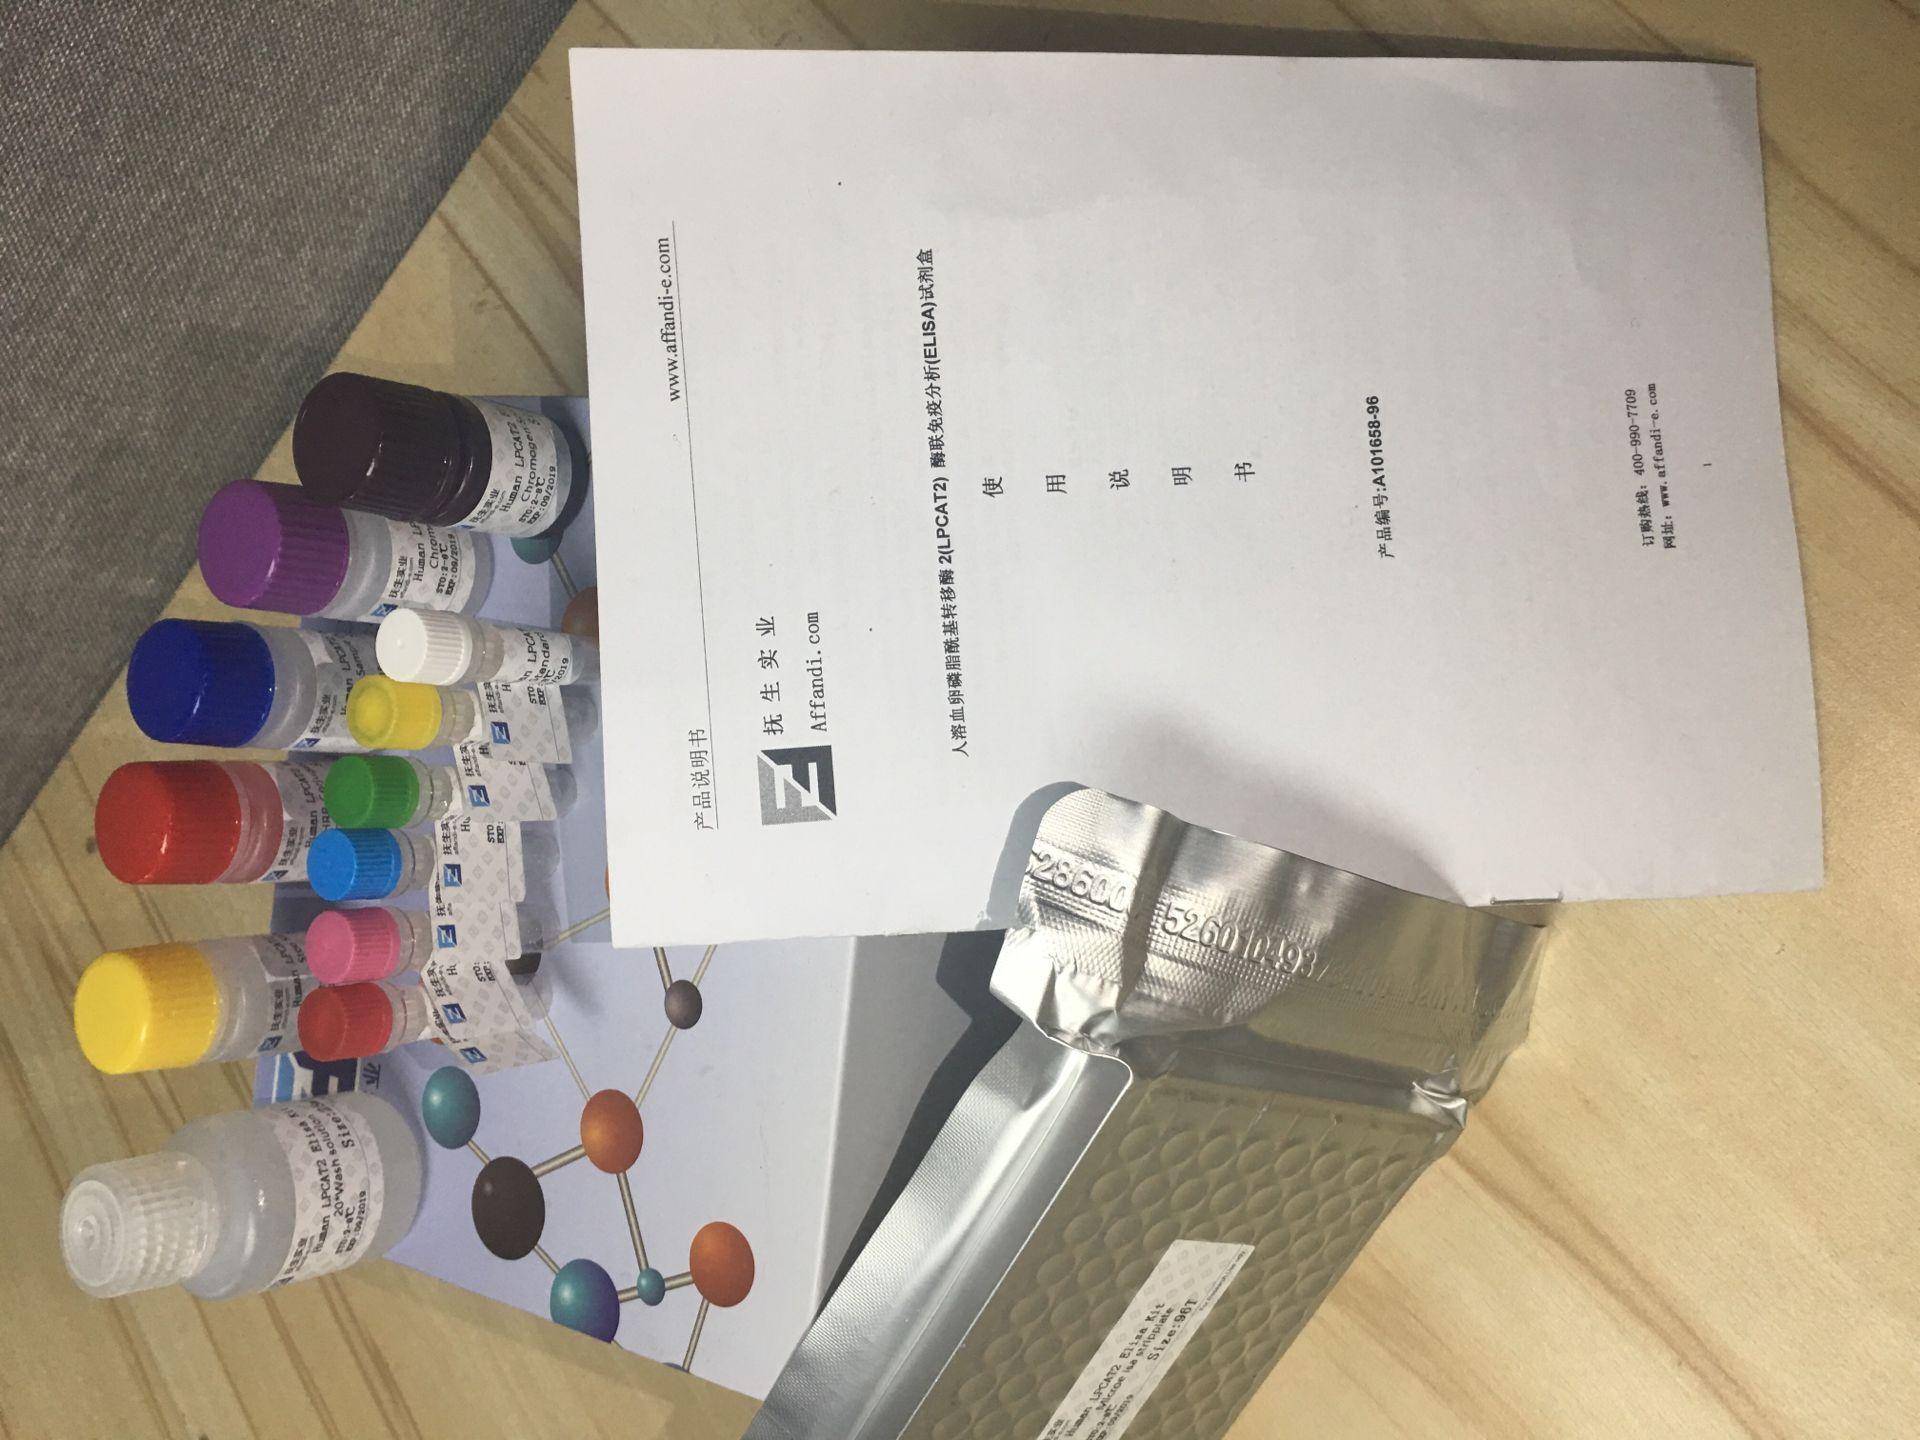 布鲁氏杆菌IgG抗体检测试剂盒